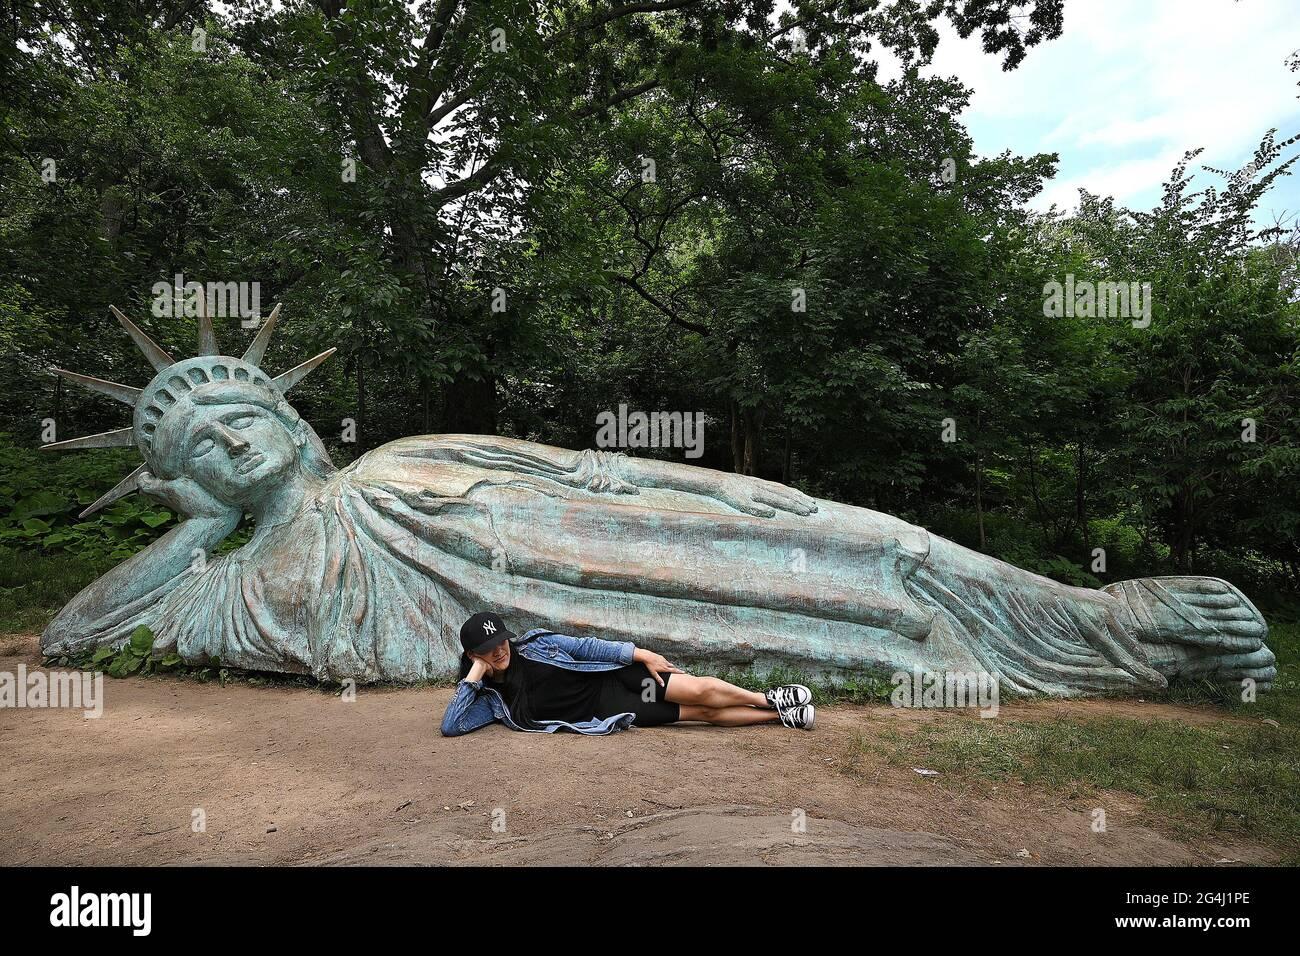 New York, États-Unis. 21 juin 2021. Iveth Manjarrez adopte la même posture que « la liberté inclinable » pour des photos devant la réplique de la statue de la liberté de 25 mètres de long sculptée par l'artiste Zaq Landsberg, dans le parc Morningside, à New York, NY, juin 21, 2021. (Photo par Anthony Behar/Sipa USA) crédit: SIPA USA/Alay Live News Banque D'Images